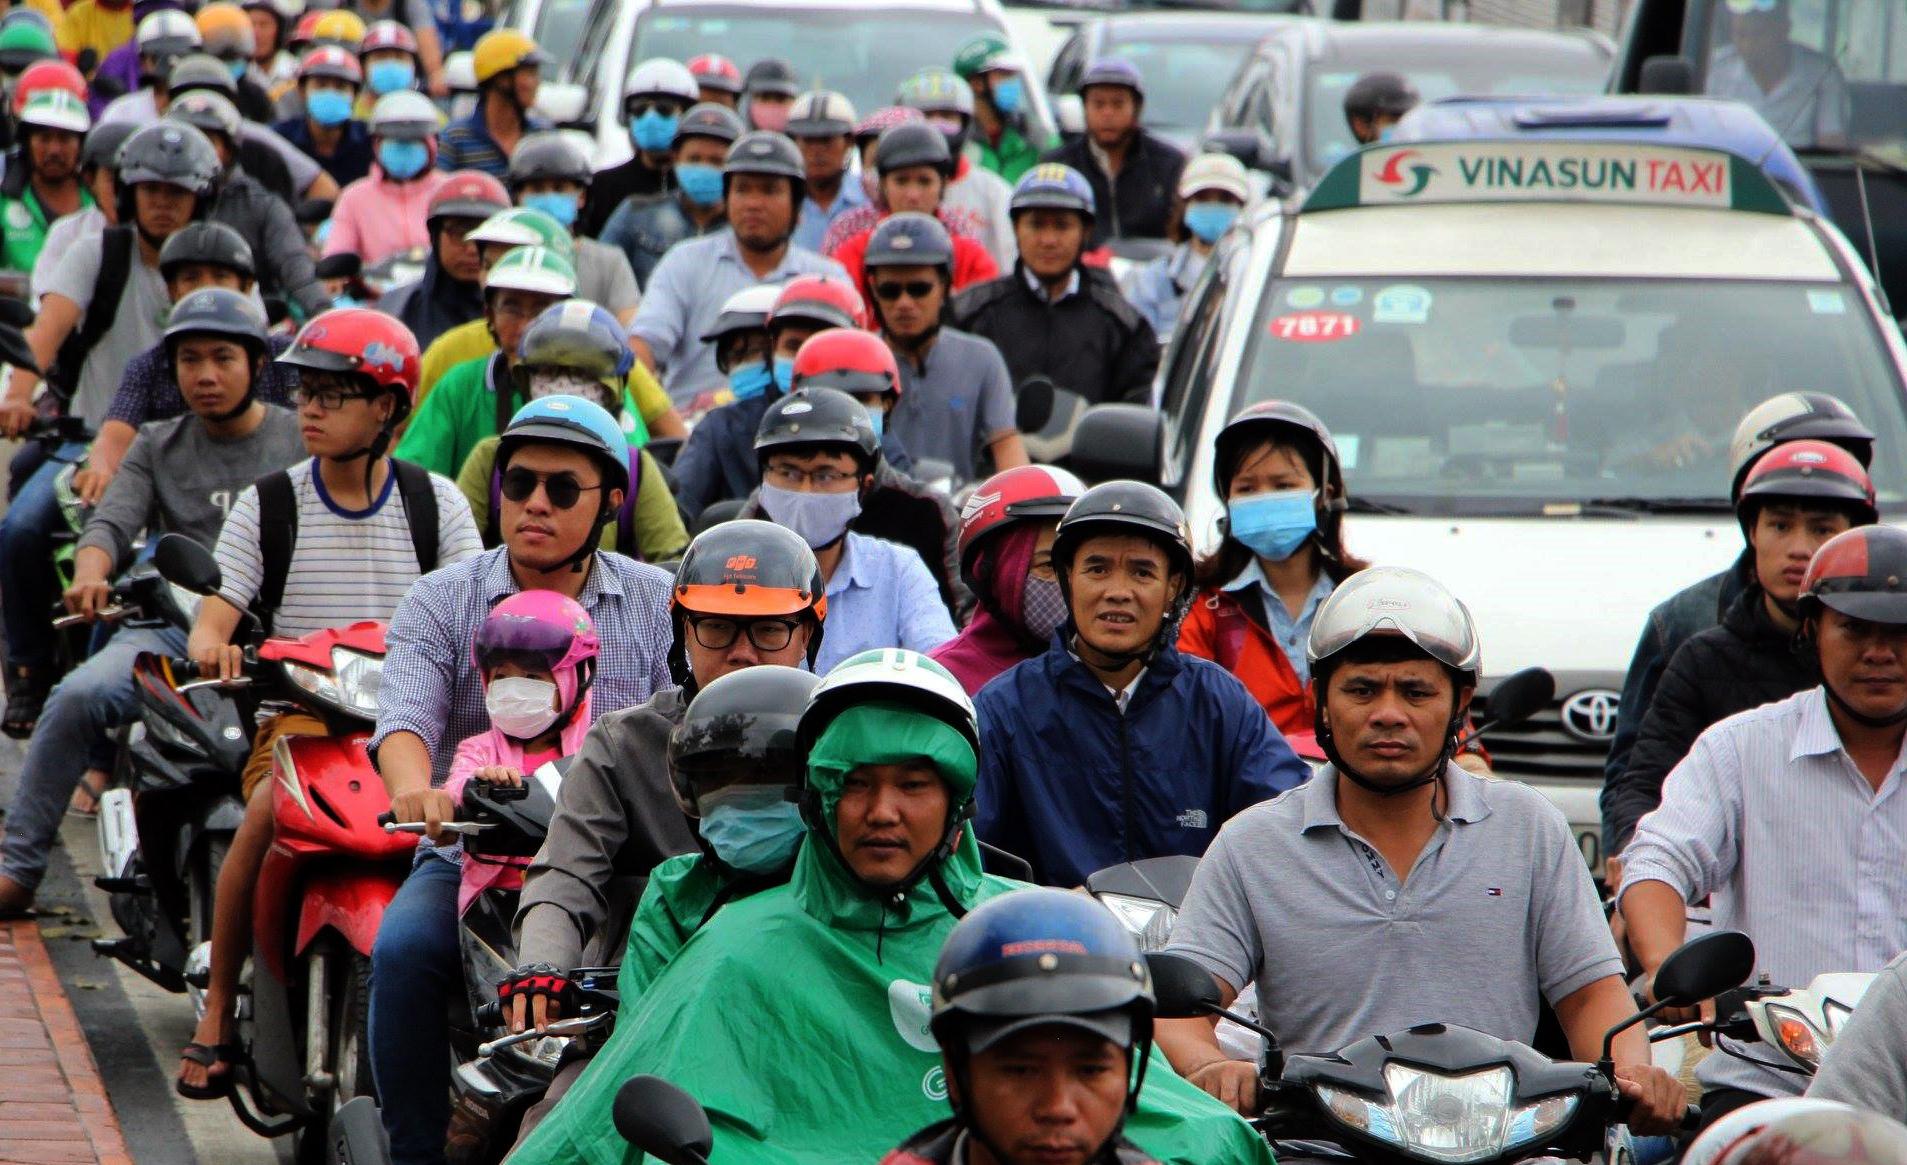 Sau một đêm tơi tả trong bão lịch sử, người Sài Gòn tiếp tục thở không ra hơi vì ngập nước kẹt xe nhiều giờ - Ảnh 5